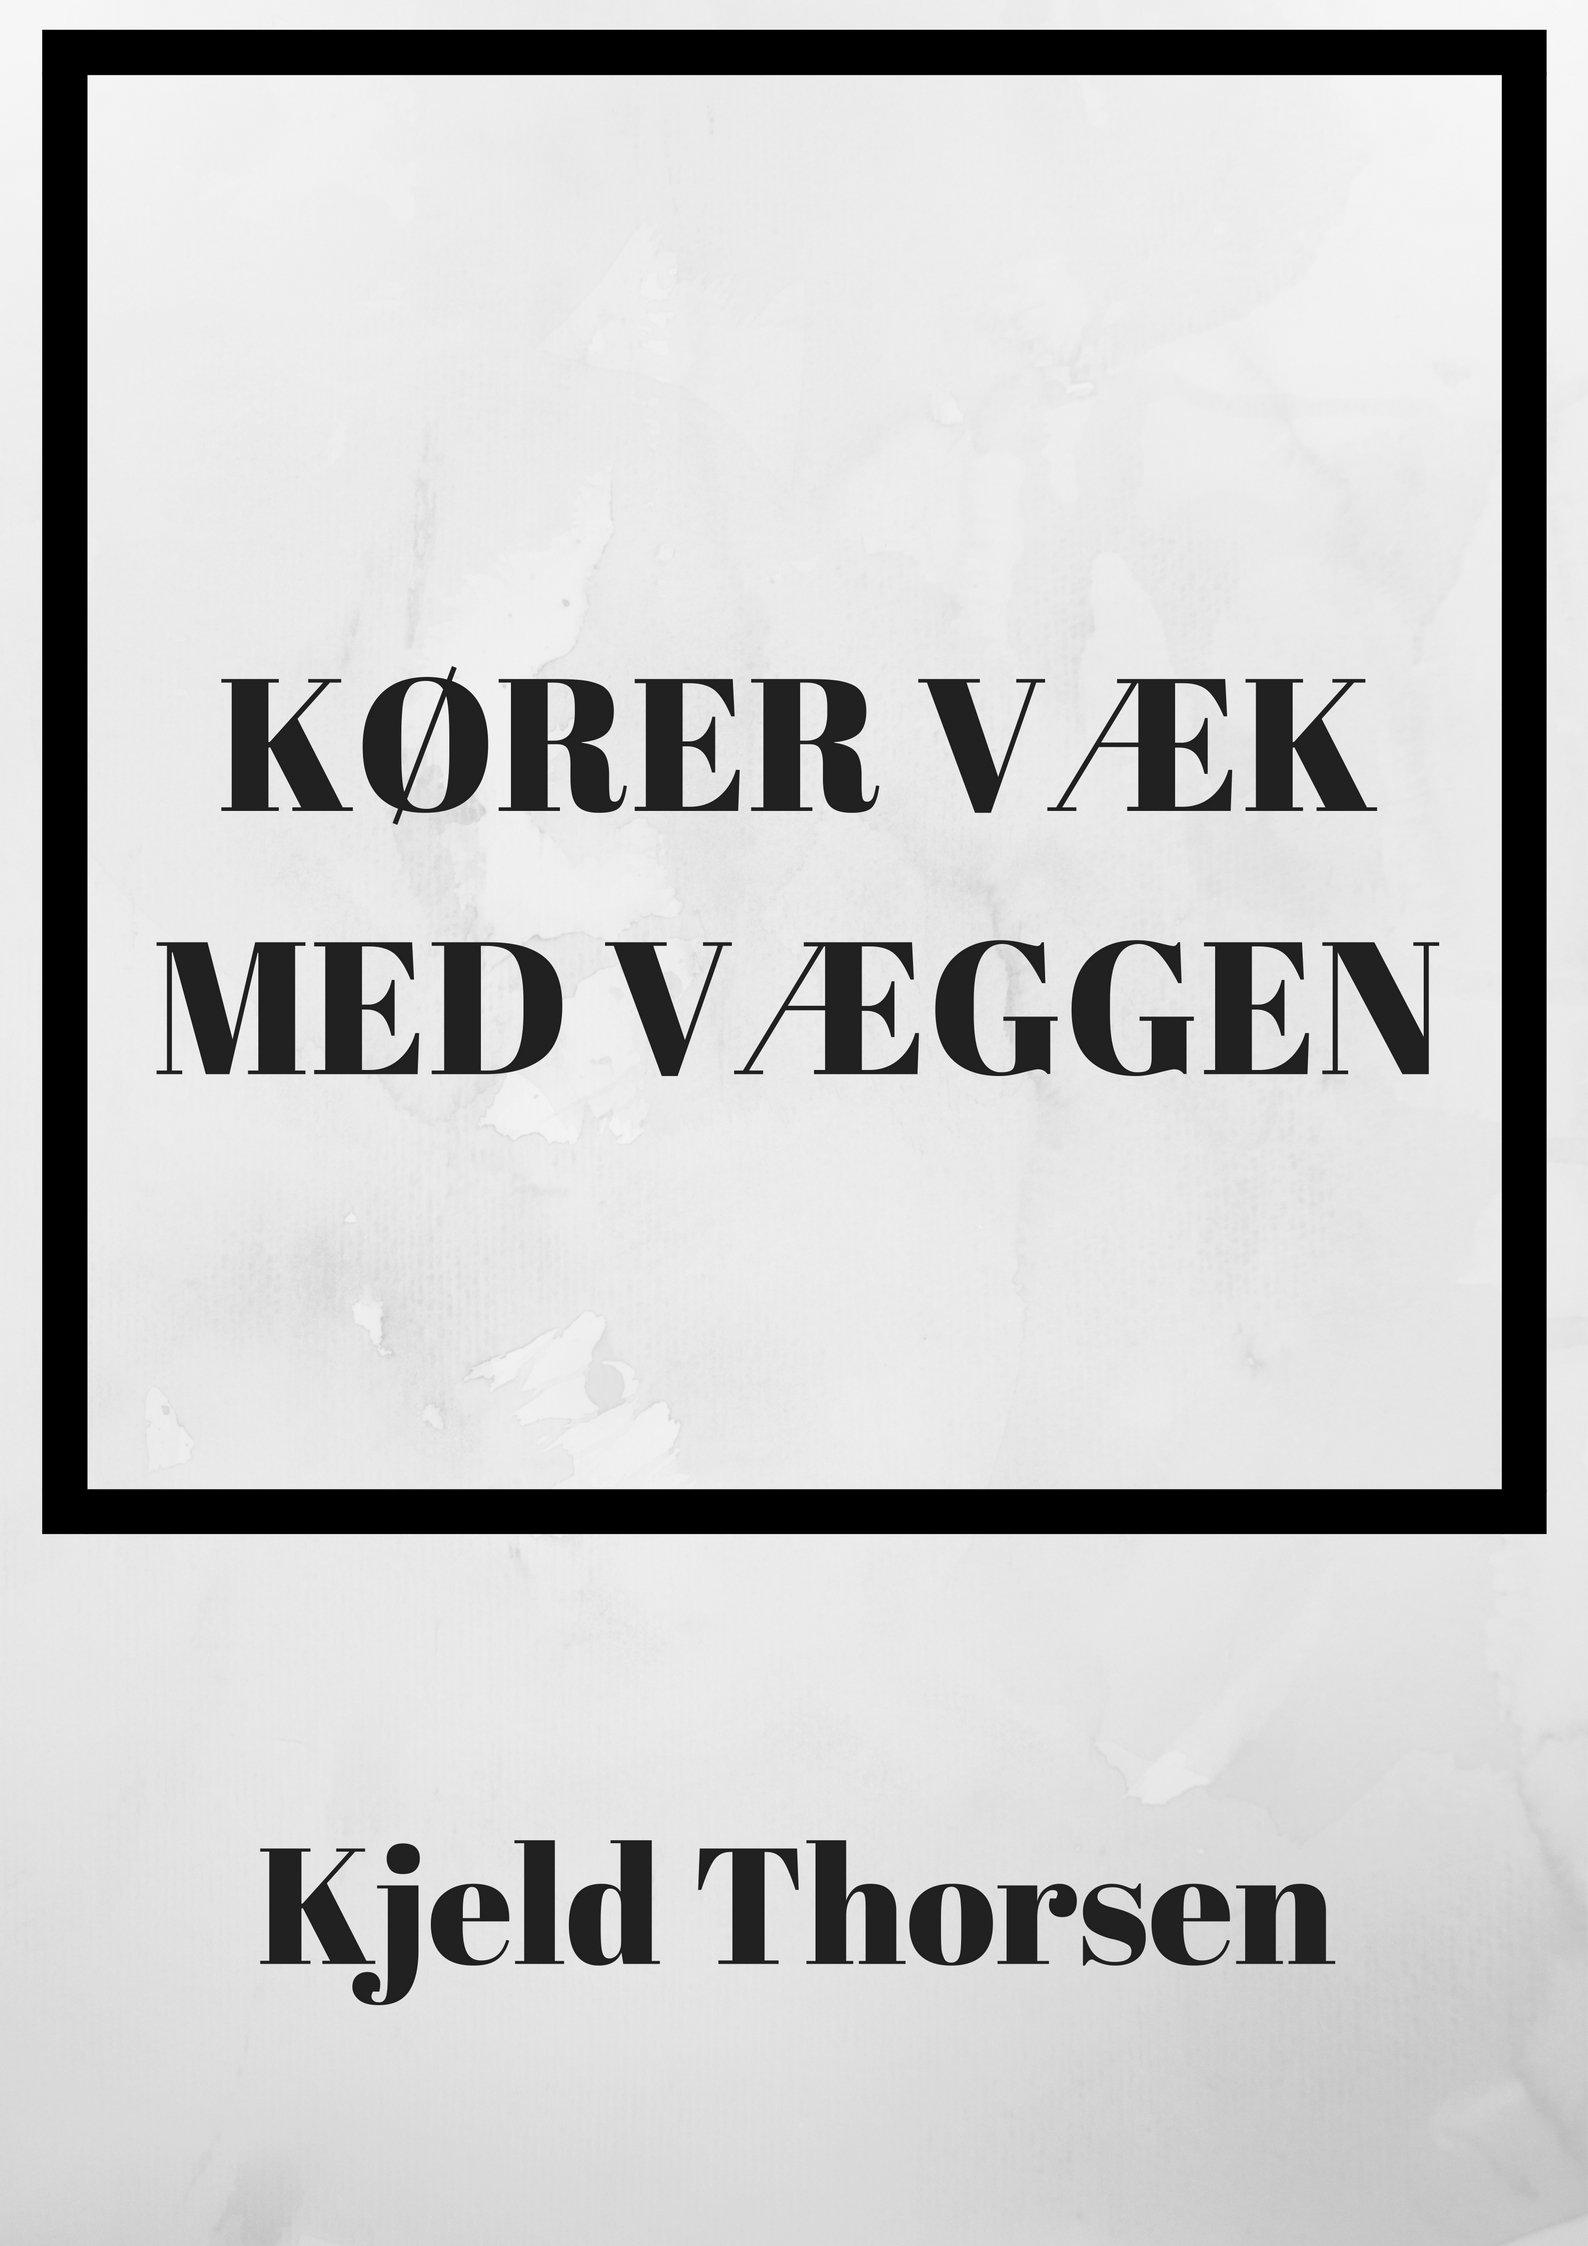 Kører væk med væggen (Danish Edition)